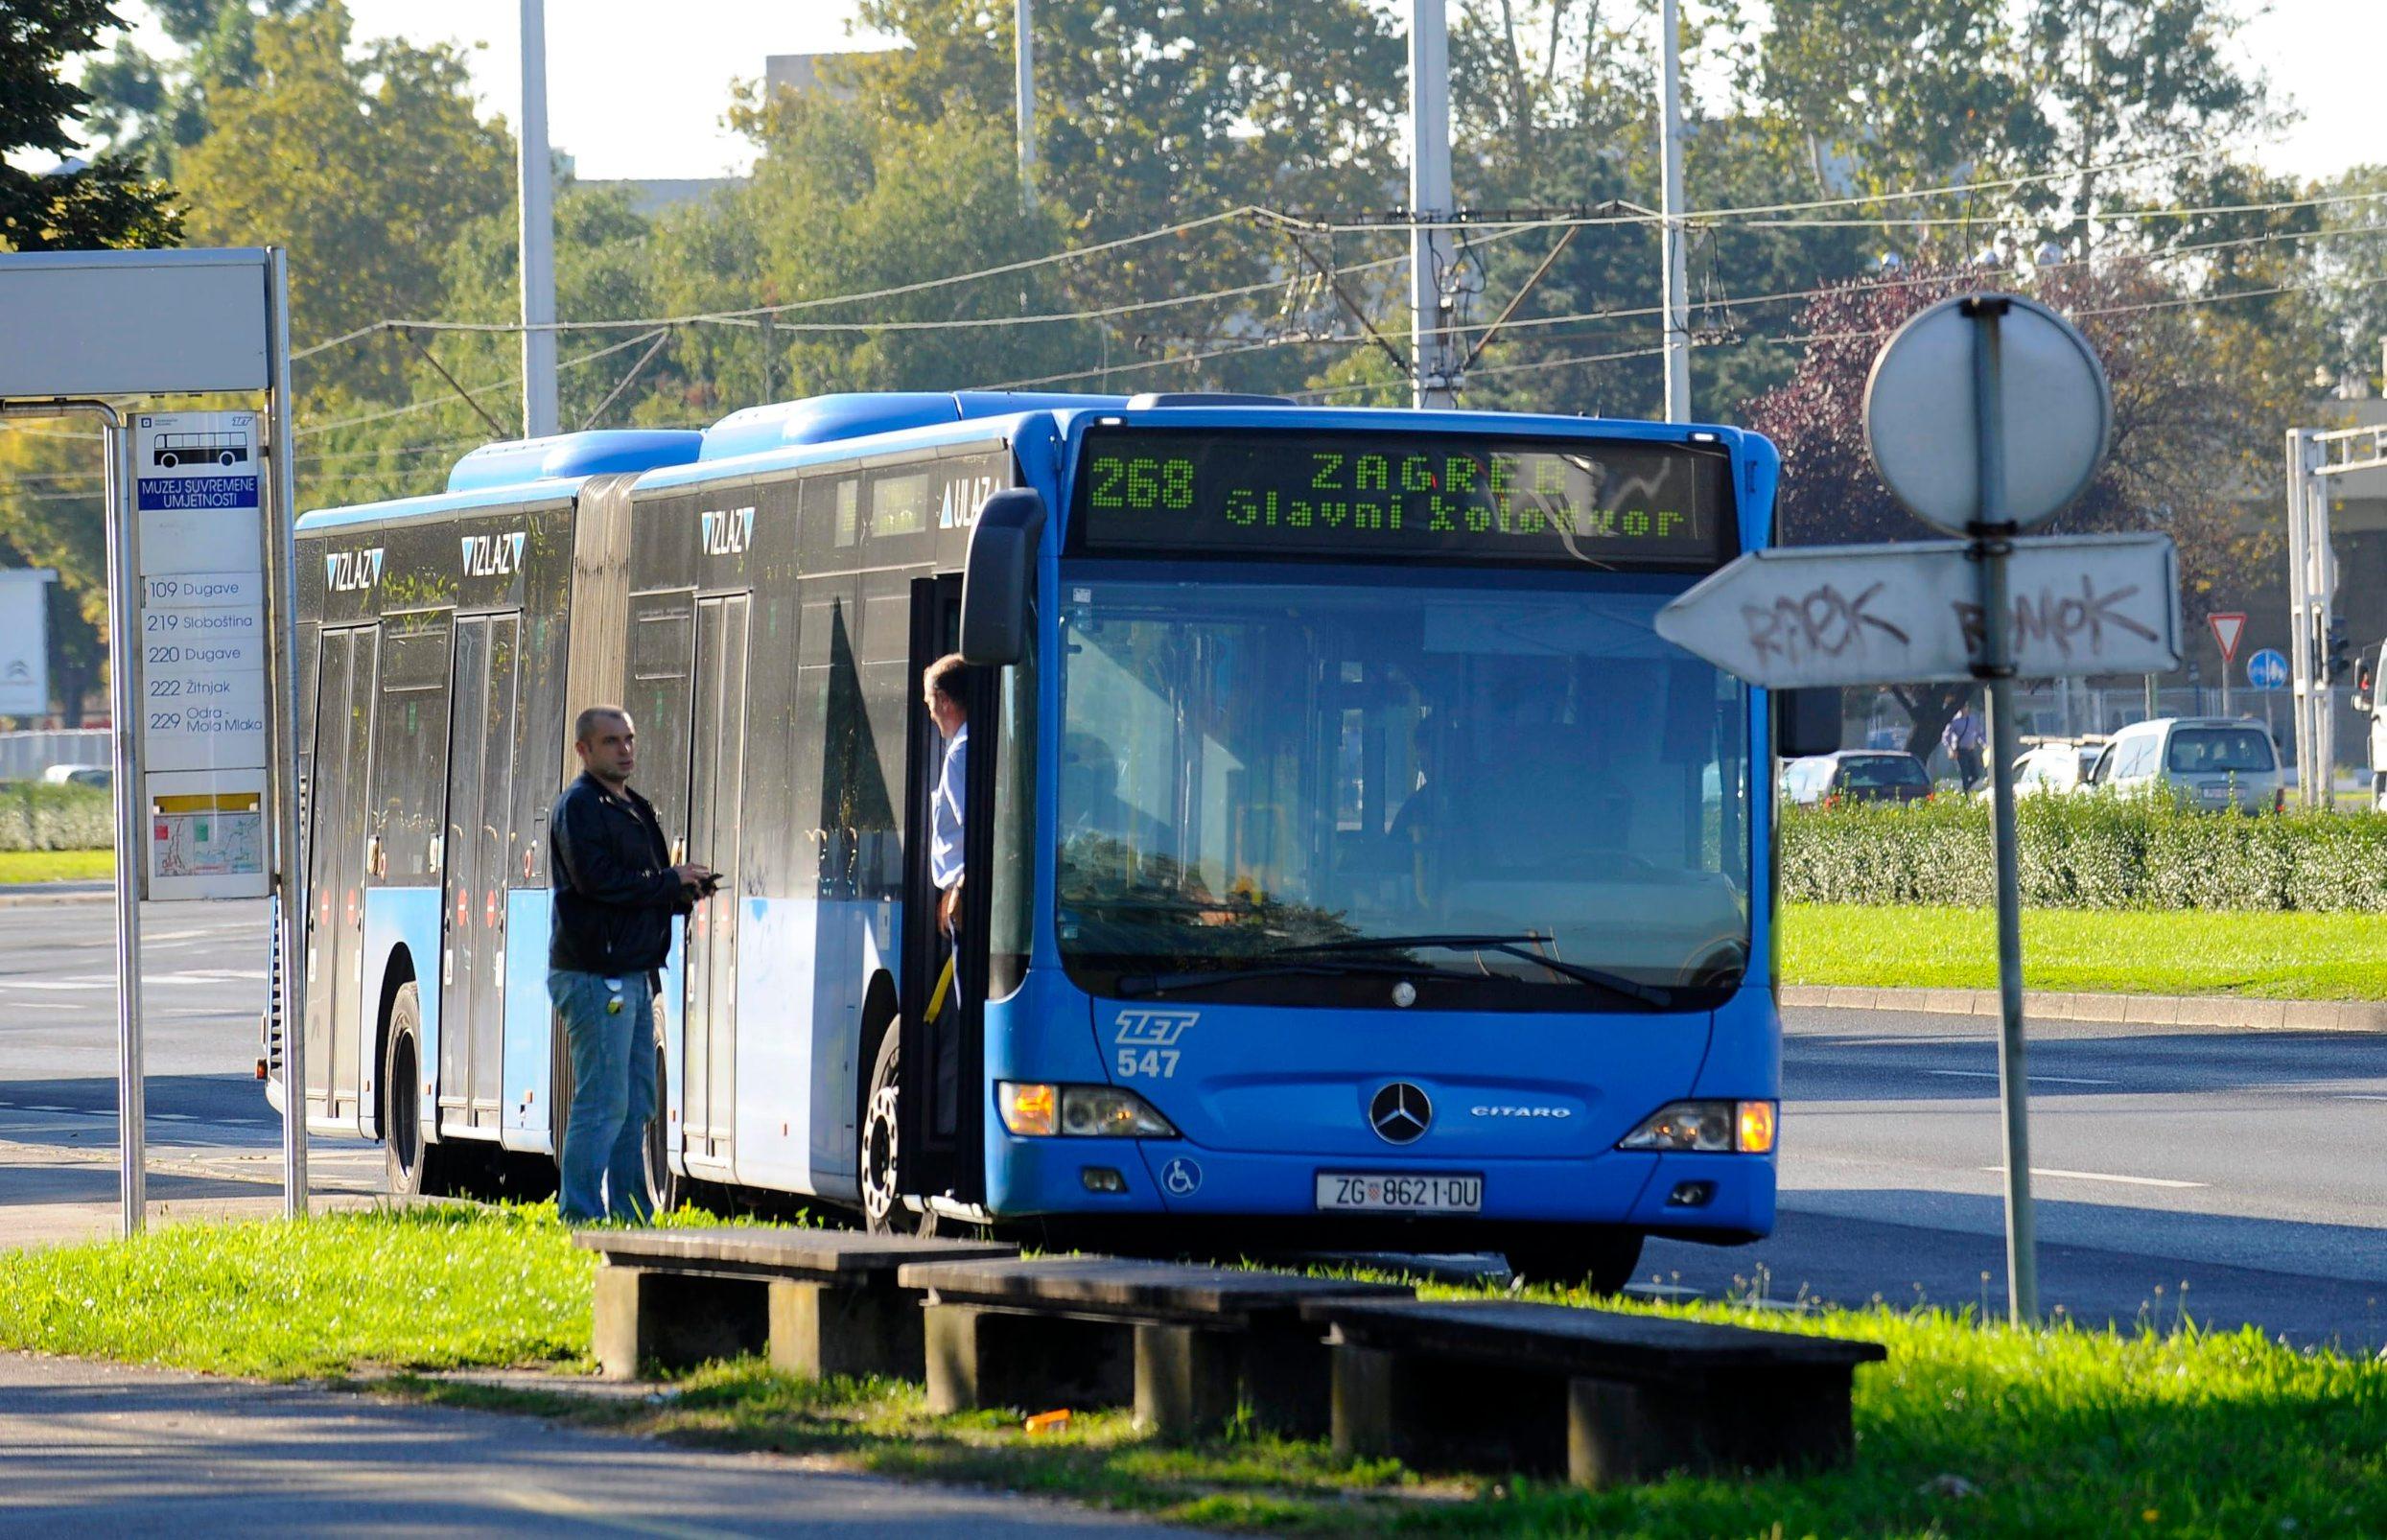 izletanje_autobusa-240913